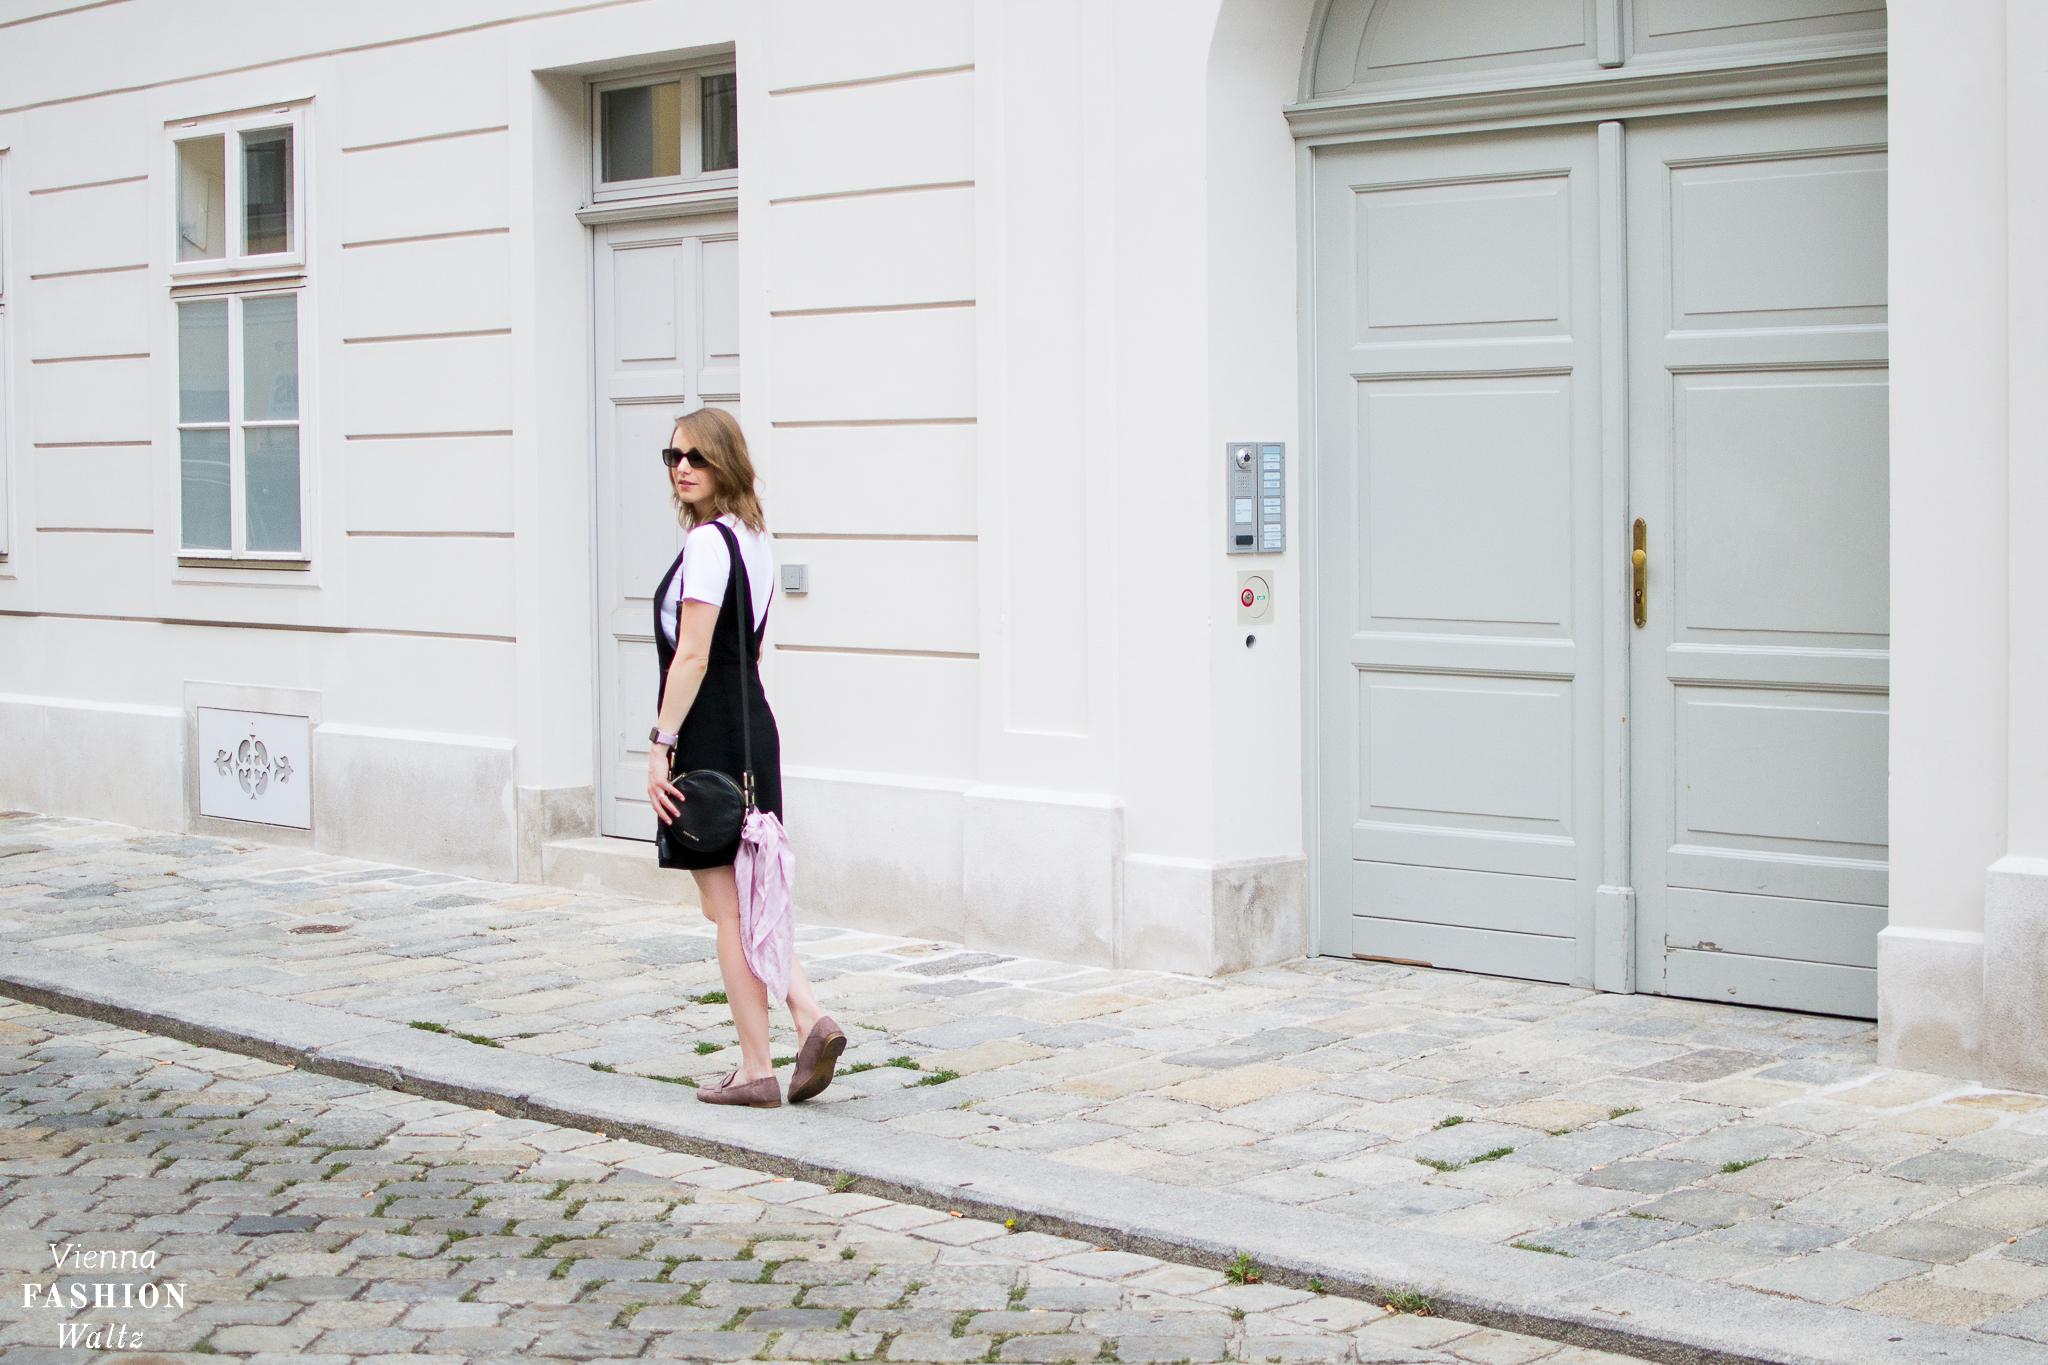 Fashion Food Beauty DIY Lifestyle Blog Wien Austria Österreich www.viennafashionwaltz.com Loafers Deichmann Kleid H&M T-Shirt Cos Sonnenbrille Prada